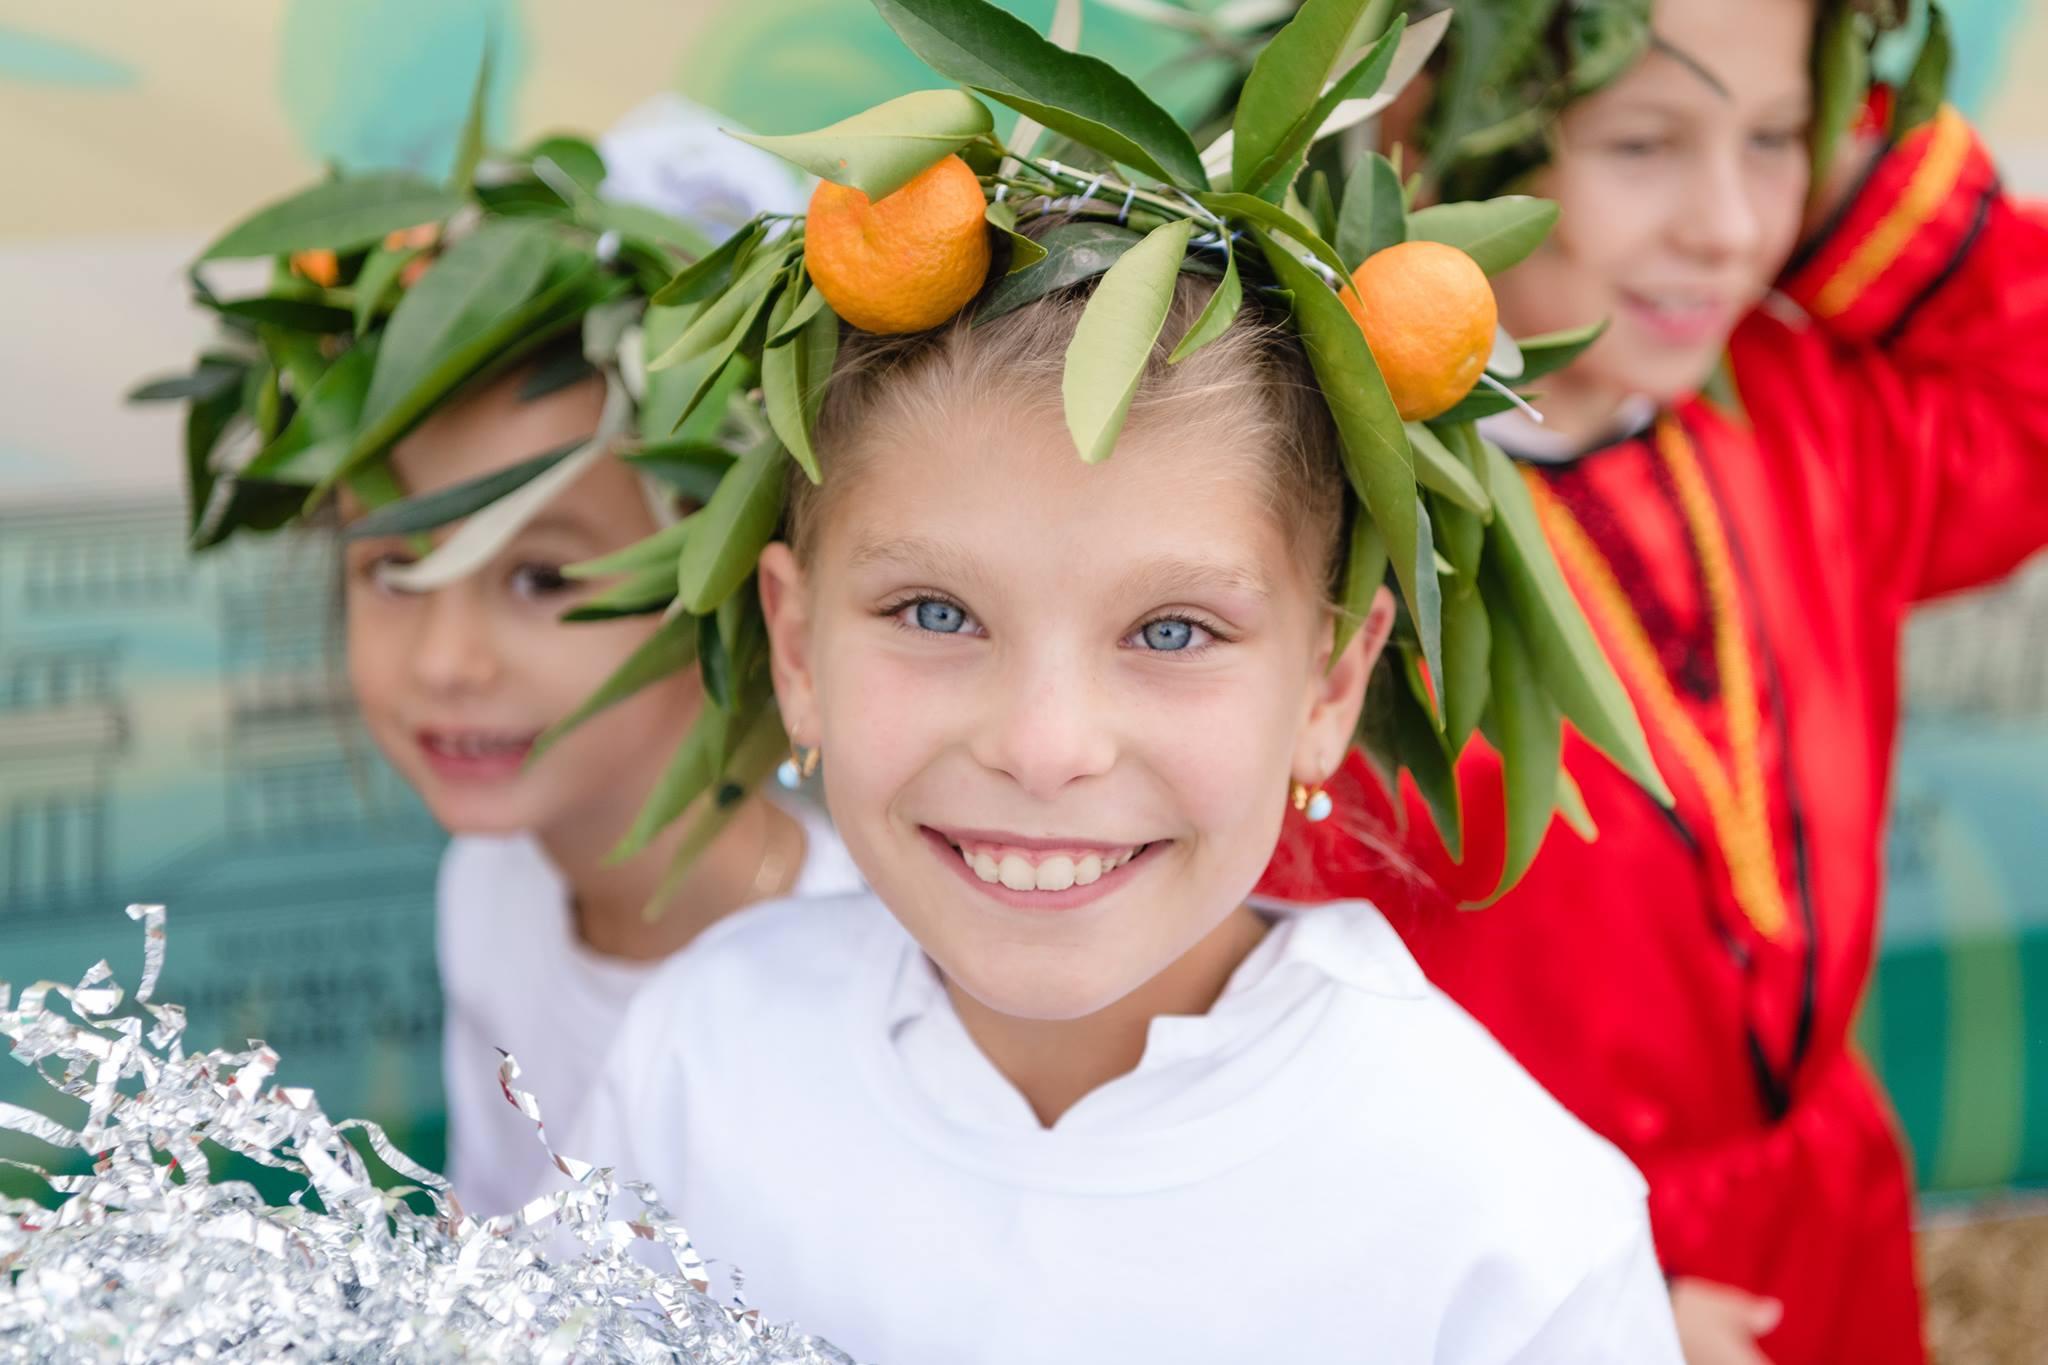 Konispoli dhe Butrinti në Festë, një fundjavë e mbushur me Mandarina! Foto